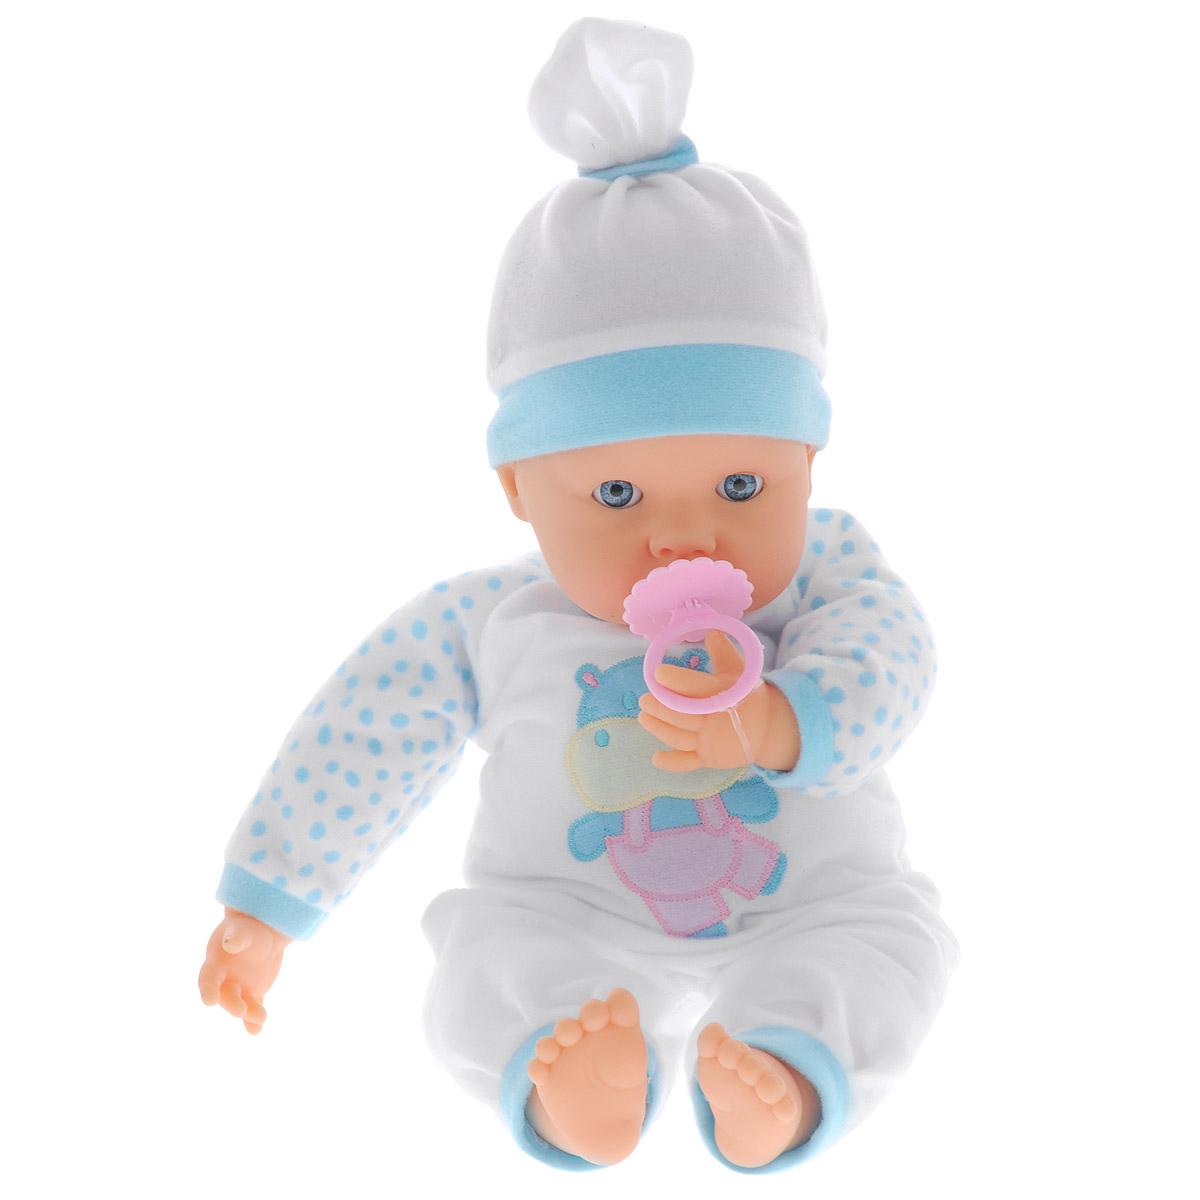 Интерактивный пупс Falca Lloron Pleureur, цвет: белый, голубой, 38 см36660Интерактивный пупс Falca Lloron Pleureur выглядит и ведет себя, как настоящий ребенок. Тело малыша мягконабивное, ручки, ножки и головка - пластиковые. Пупс одет в бело-голубой комбинезончик, оформленный веселой аппликацией, на голове - шапочка в тон ему. В комплект с пупсом входит соска. Когда пупс ложиться спать, он всегда закрывает глазки. Если забрать у малыша любимую соску, он начнет плакать. Игра с пупсом разовьет в вашей малышке фантазию и любознательность, поможет овладеть навыками общения и научит ролевым играм, воспитает чувство ответственности и заботы. Порадуйте ее таким замечательным подарком! Необходимо докупить 2 батарейки напряжением 1,5V типа АА (не входят в комплект).